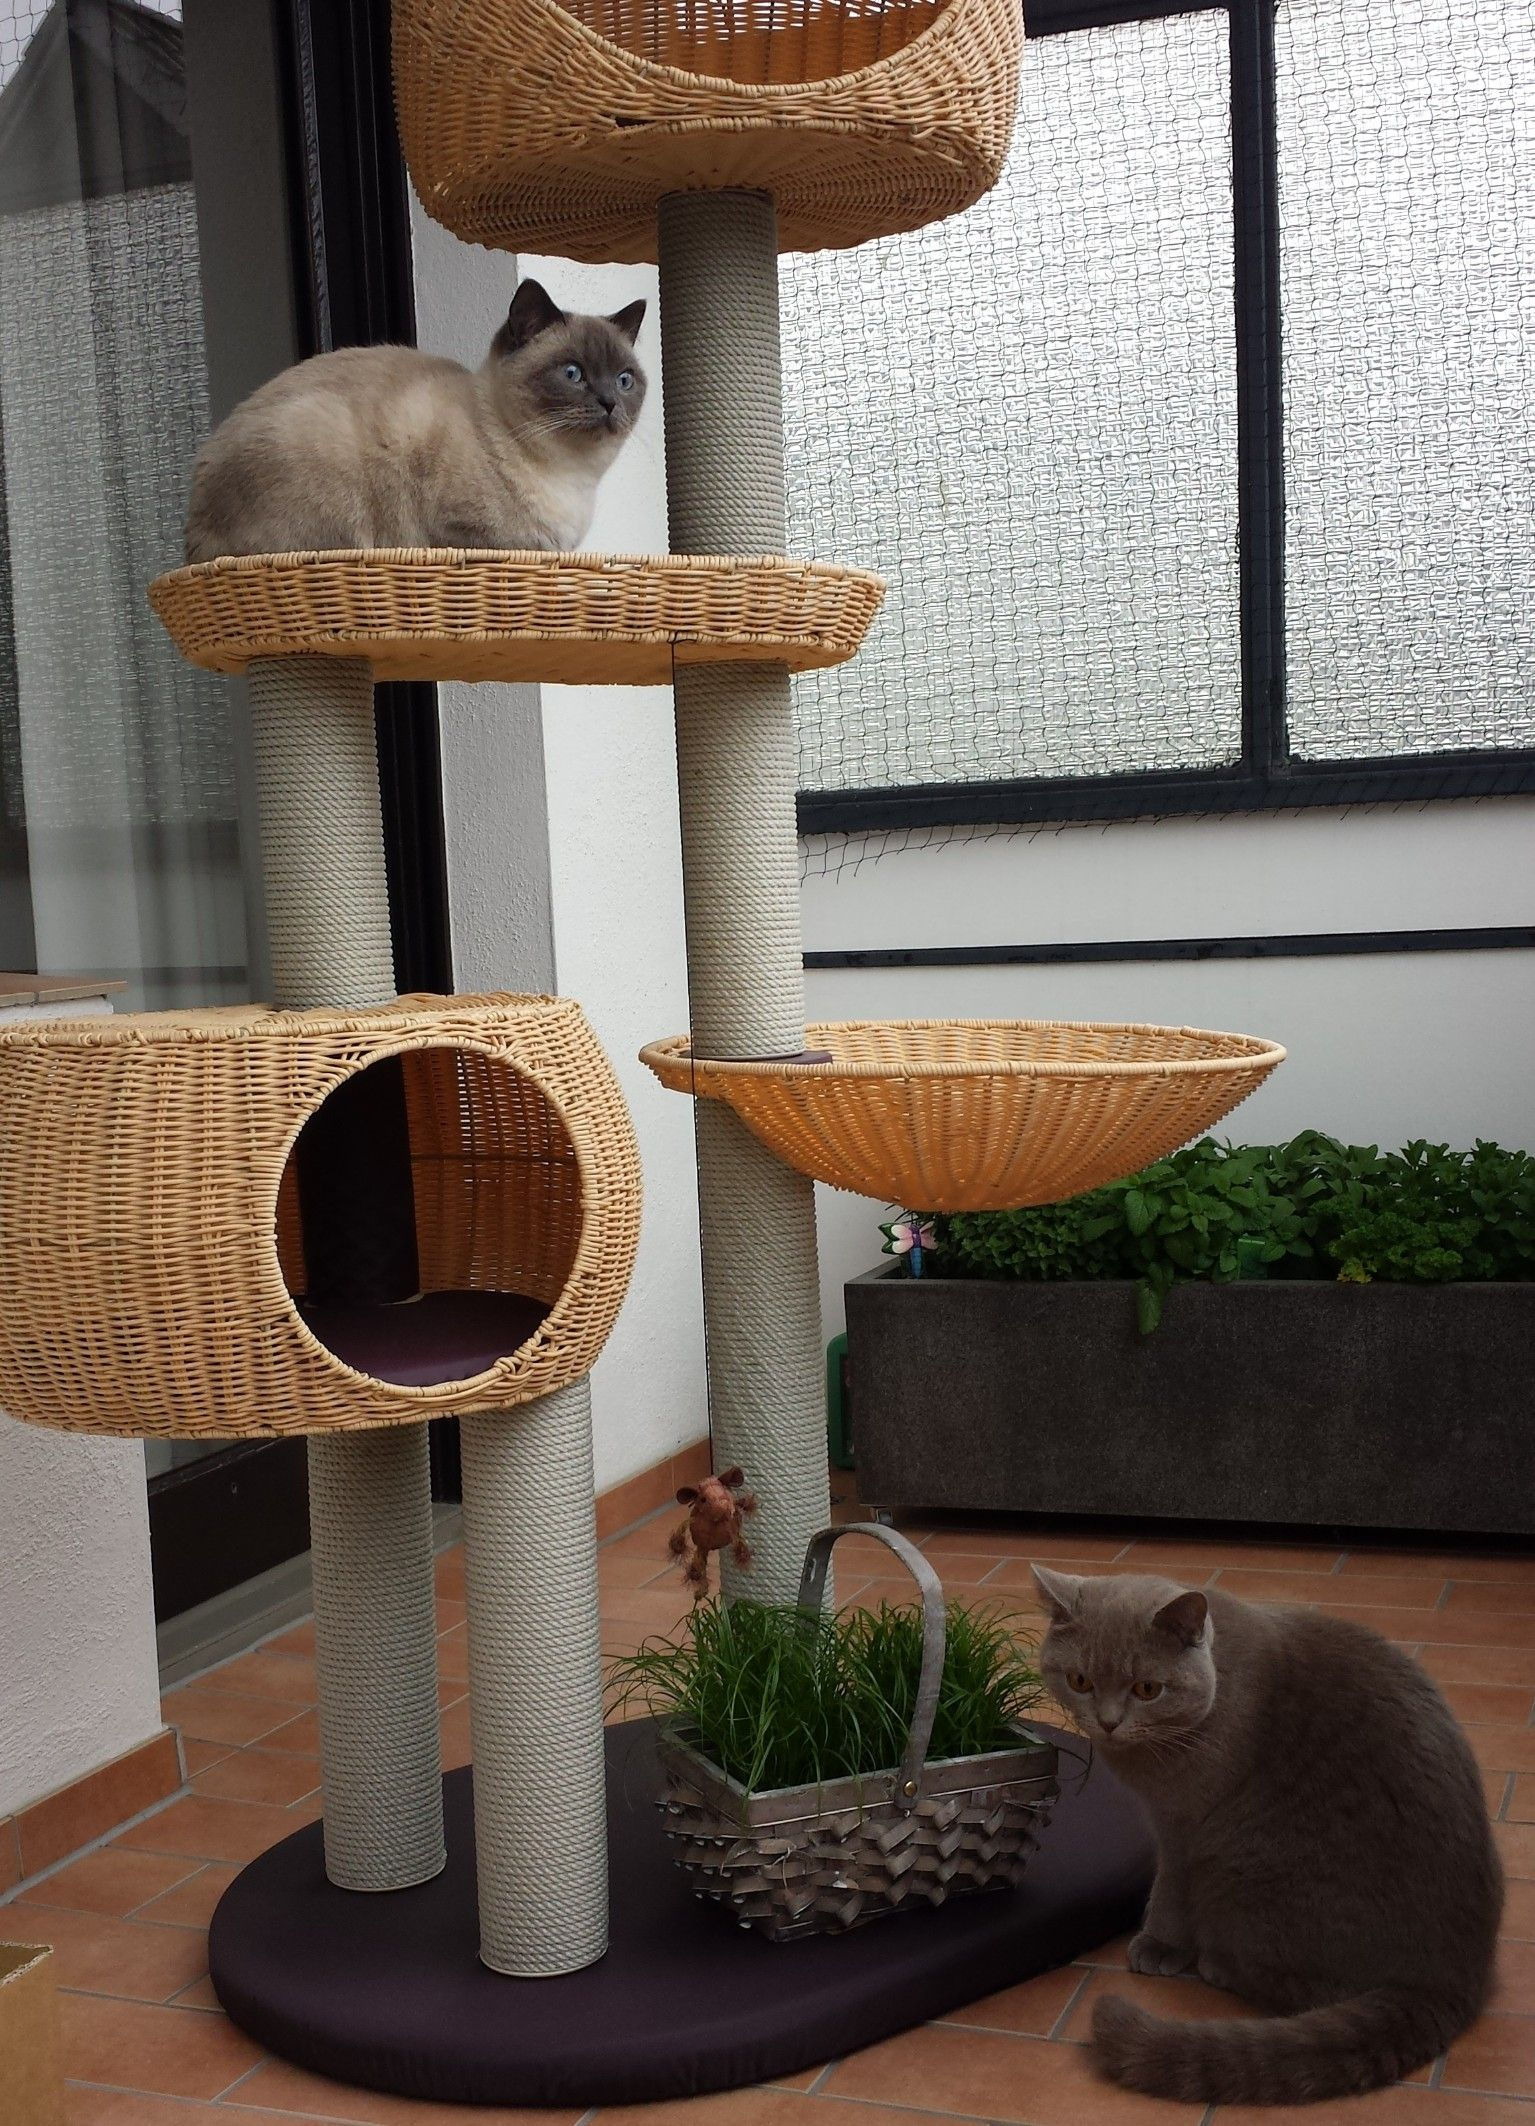 kratzbaum outdoor iii my cats pinterest outdoor kratzbaum britisch kurzhaar und kratzbaum. Black Bedroom Furniture Sets. Home Design Ideas